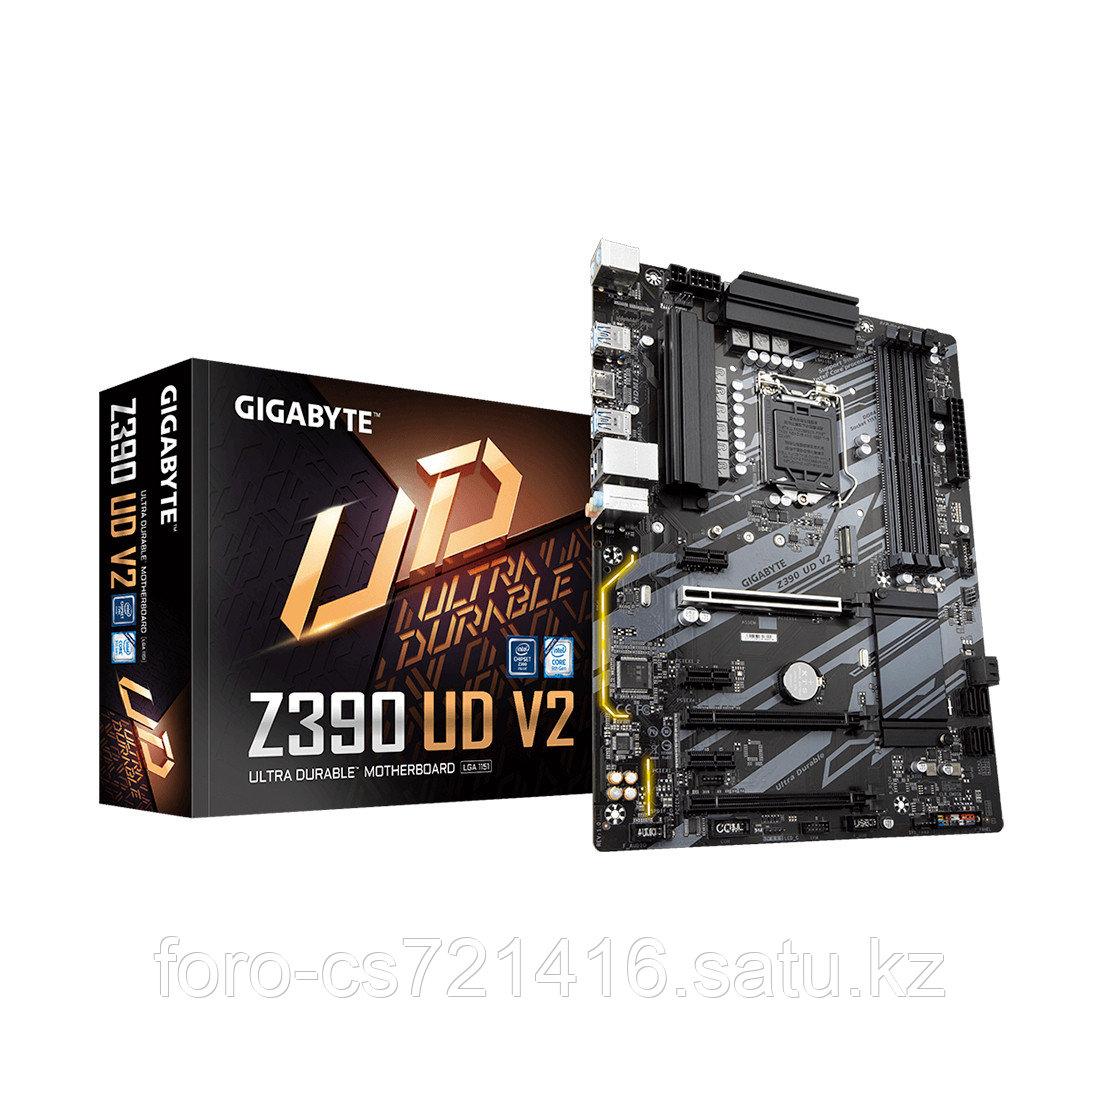 Материнская плата Gigabyte Z390 UD V2